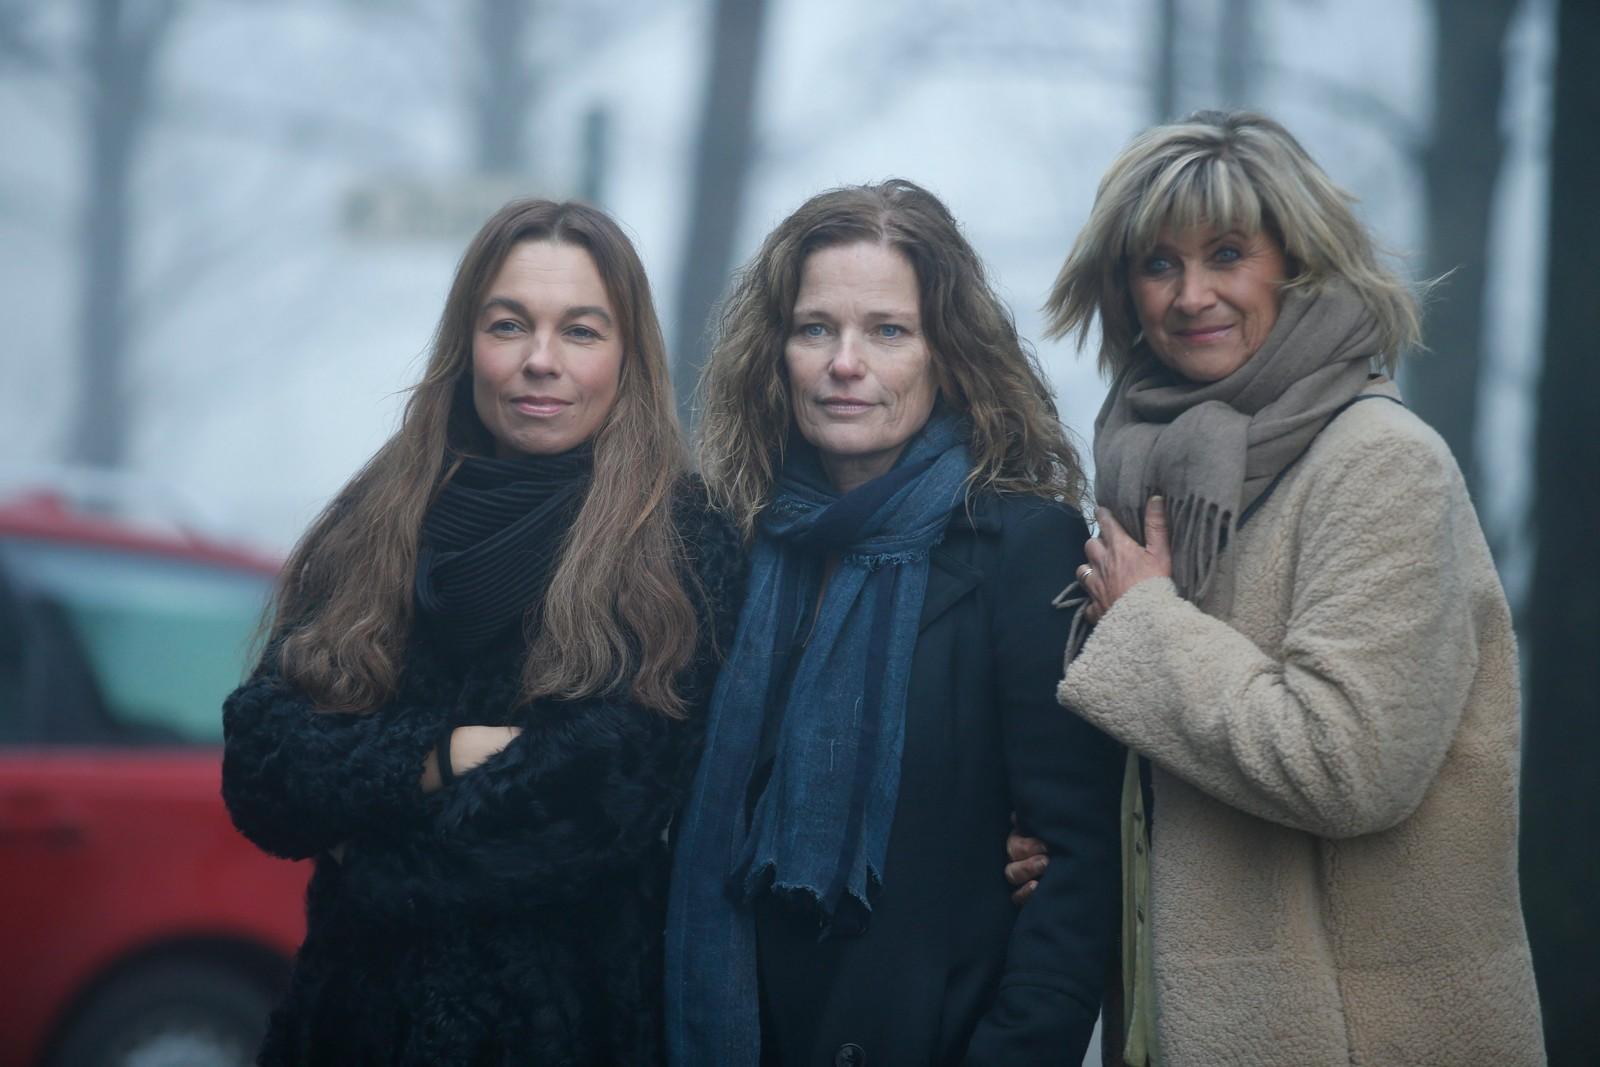 Kaia Huuse, Kari Iveland og Kari Gjærum ankommer Grefsen Kirke hvor Nora Brockstedt onsdag ble bisatt.